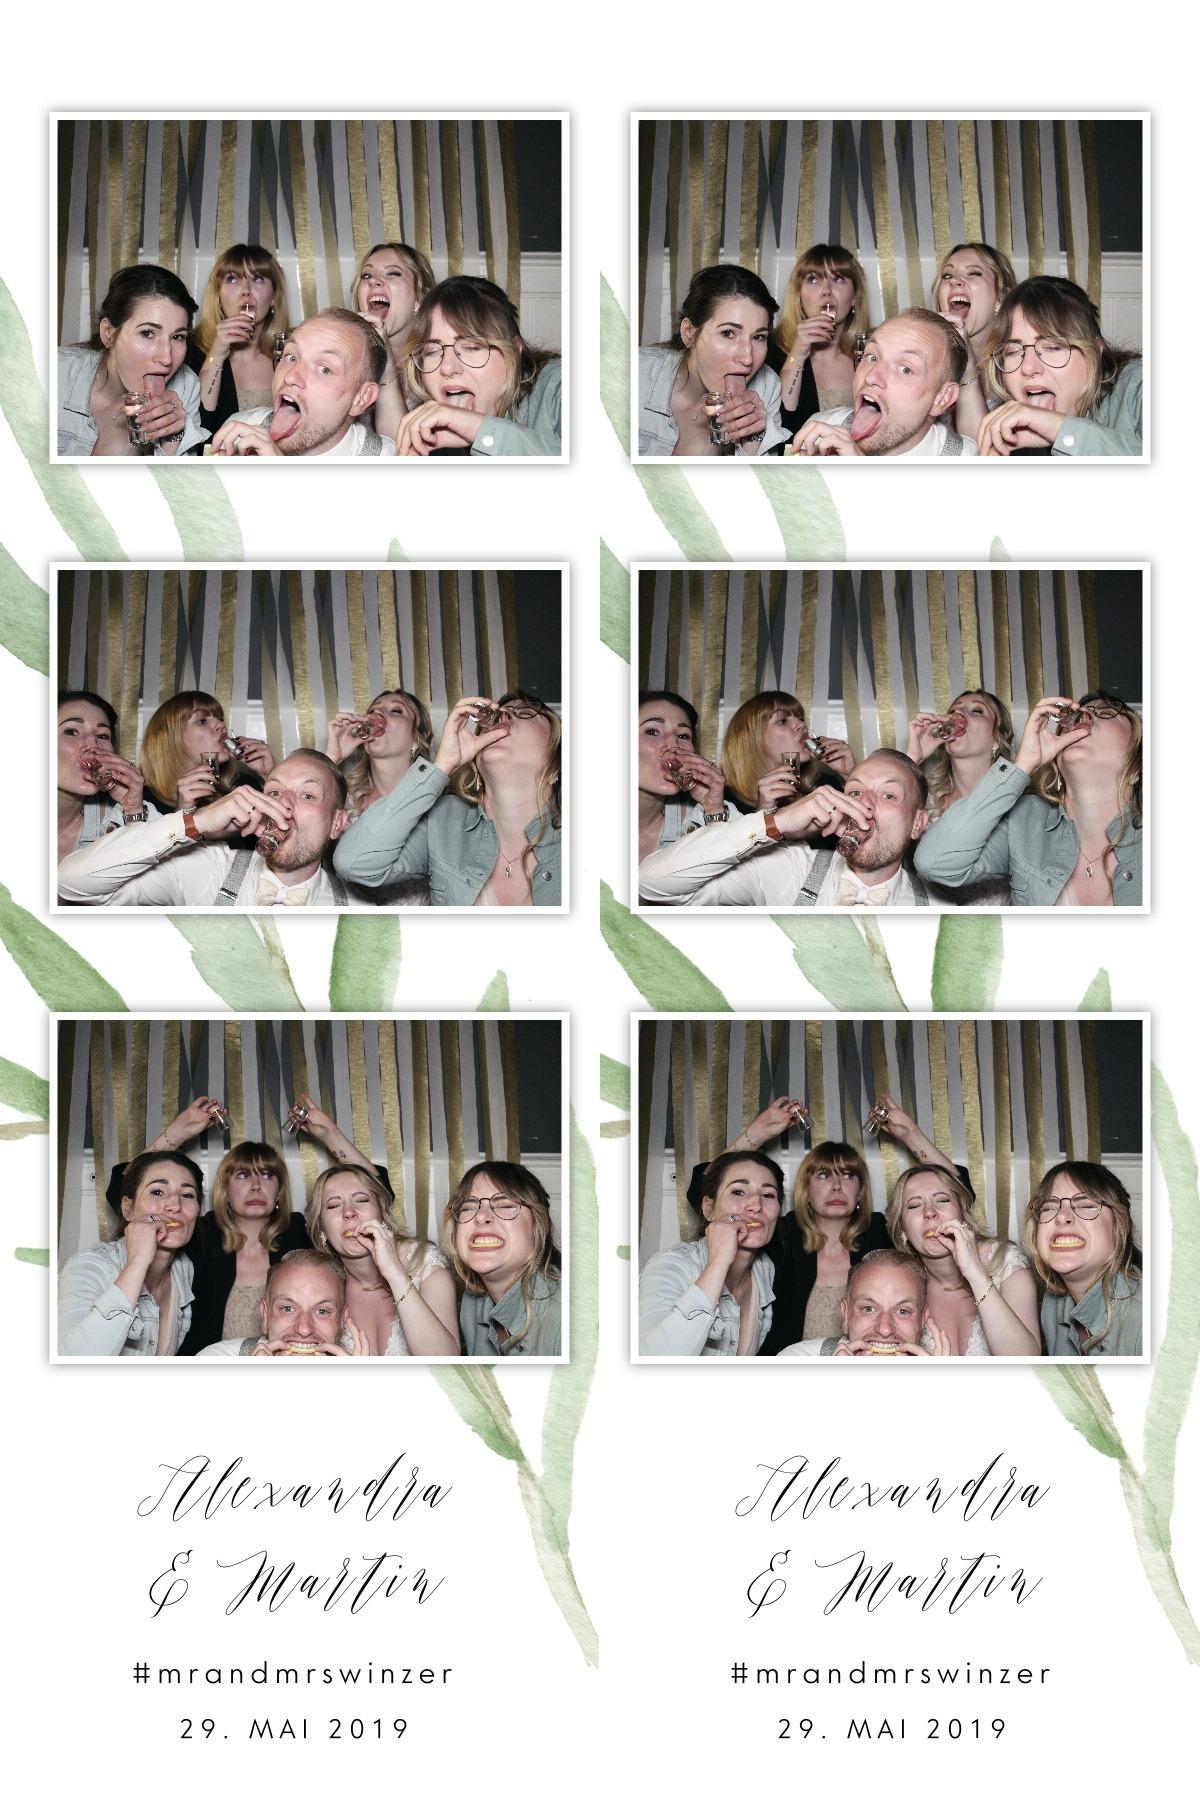 Unsere Fotostreifen: Unsere Hochzeit am großen Wannsee in Berlin, festgehalten mit der Kruu Fotobox #mrandmrswinzer